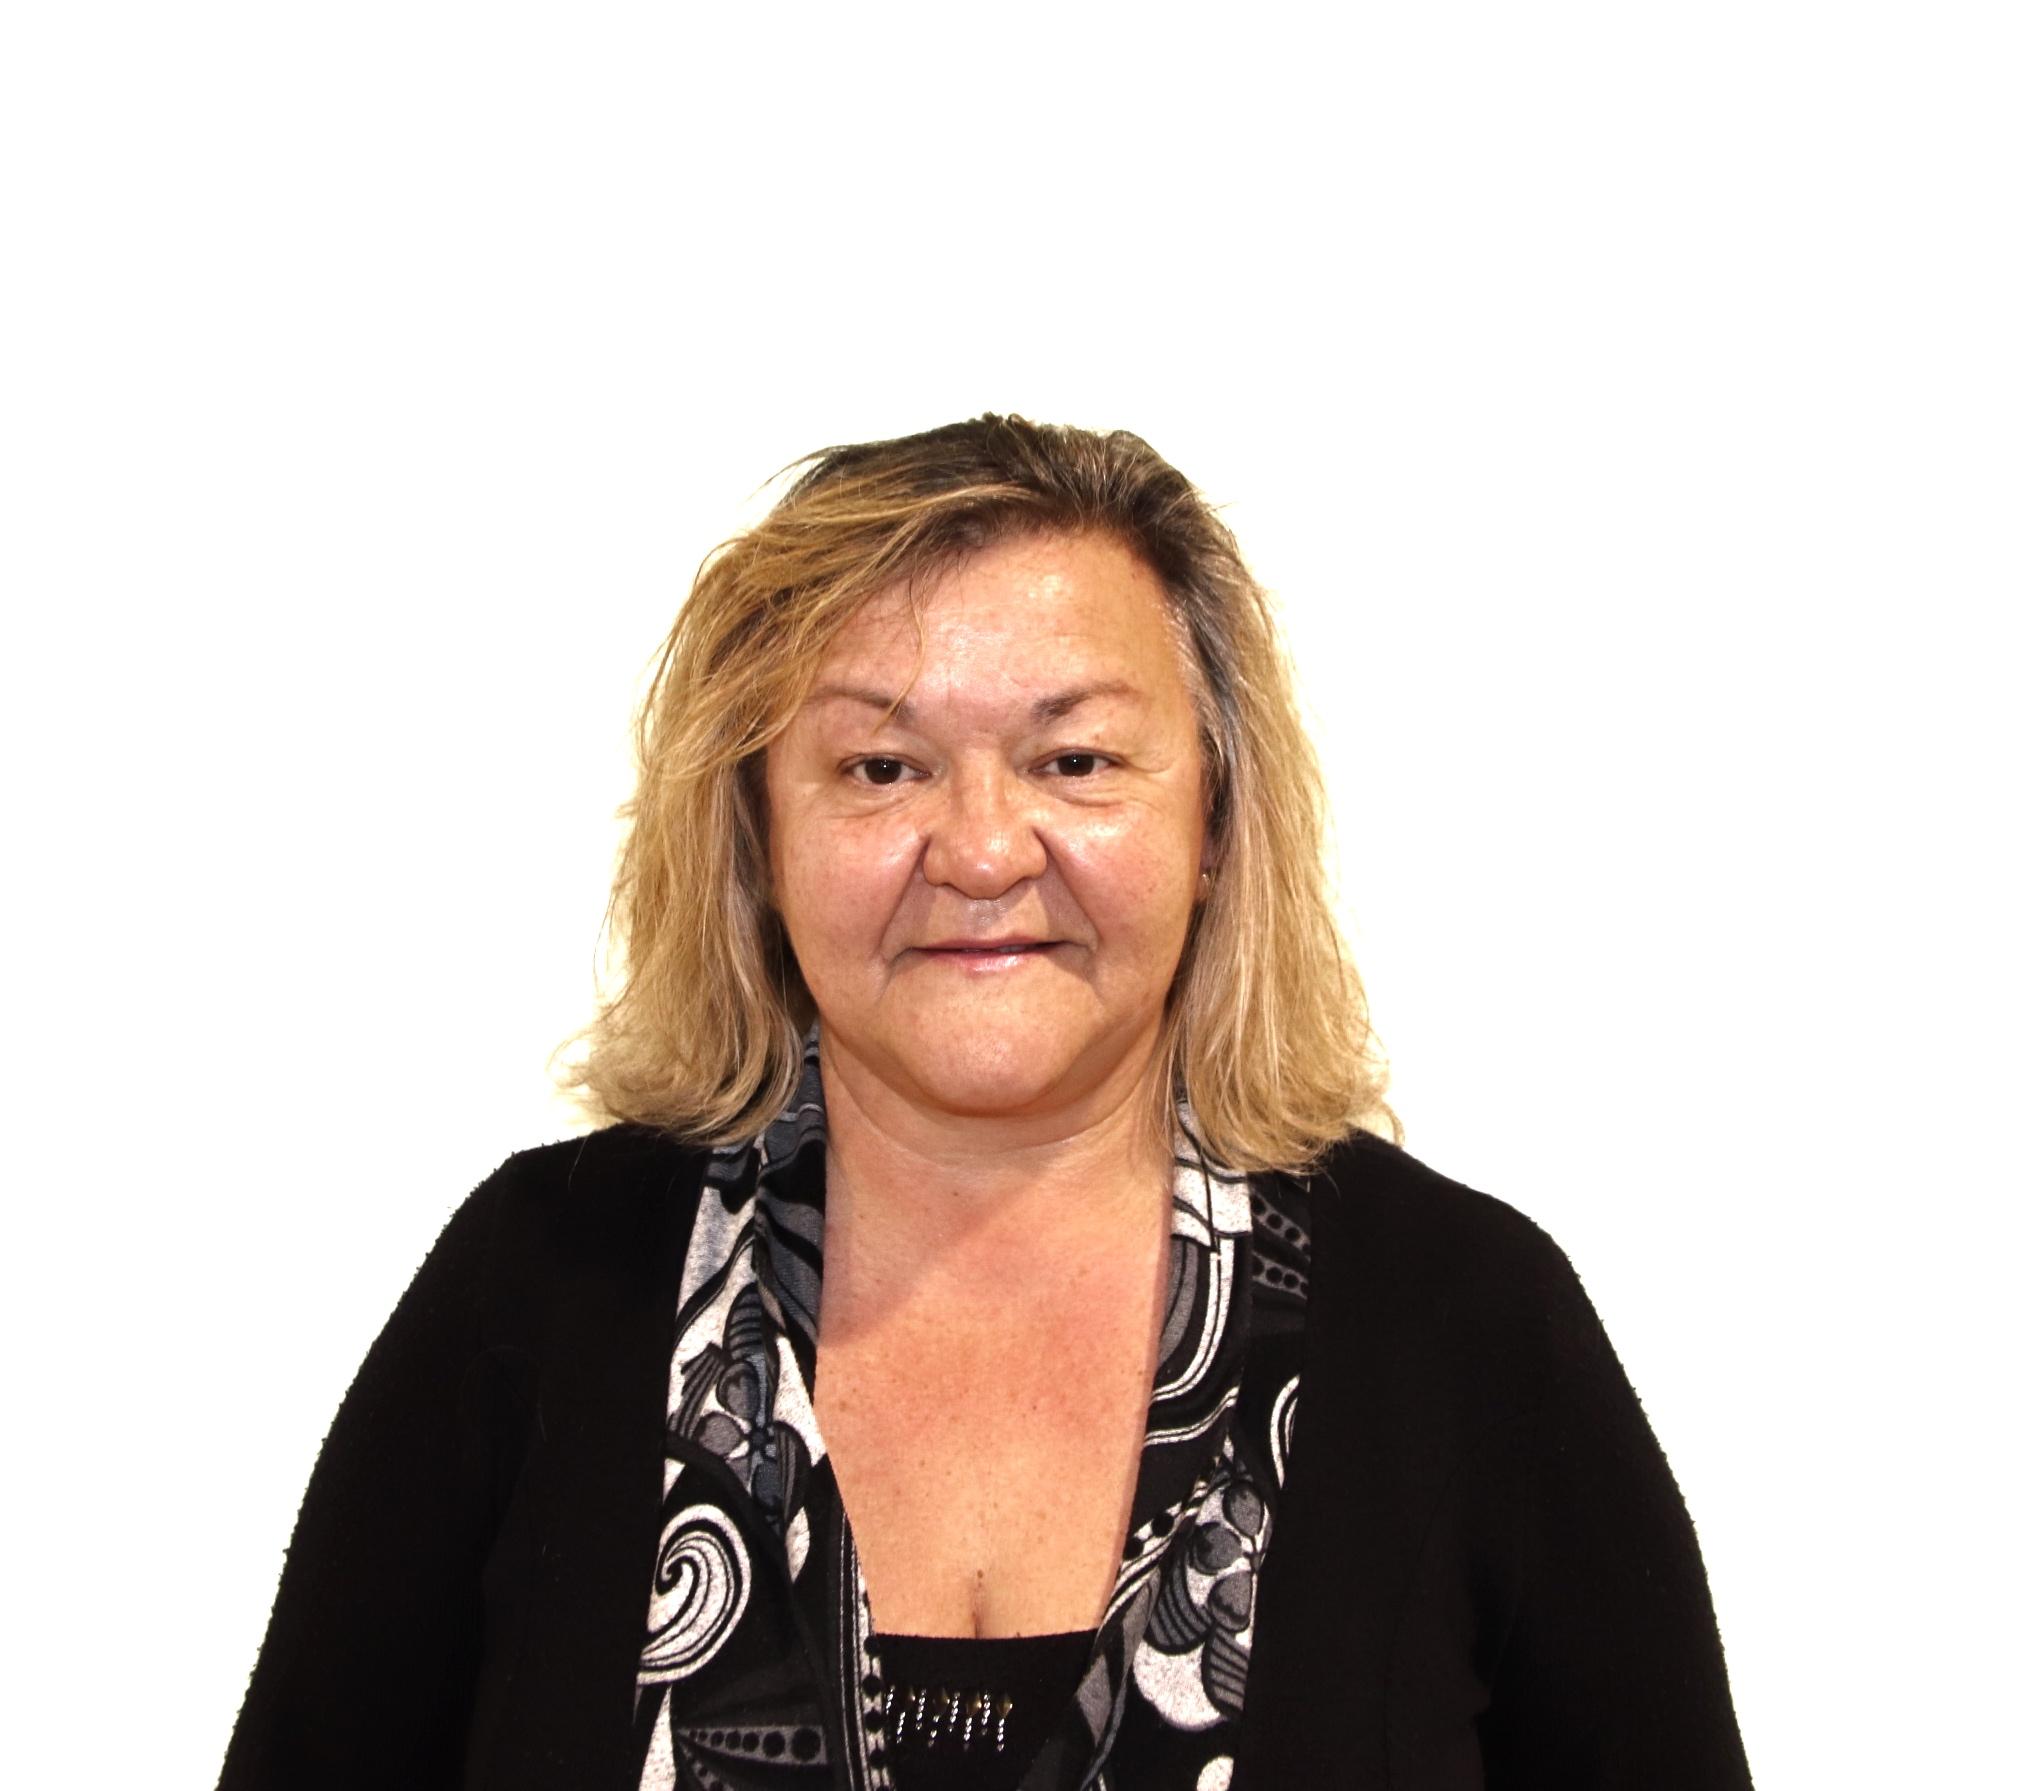 Comunicat: ha mort la regidora Margarita Barberà Cuesta